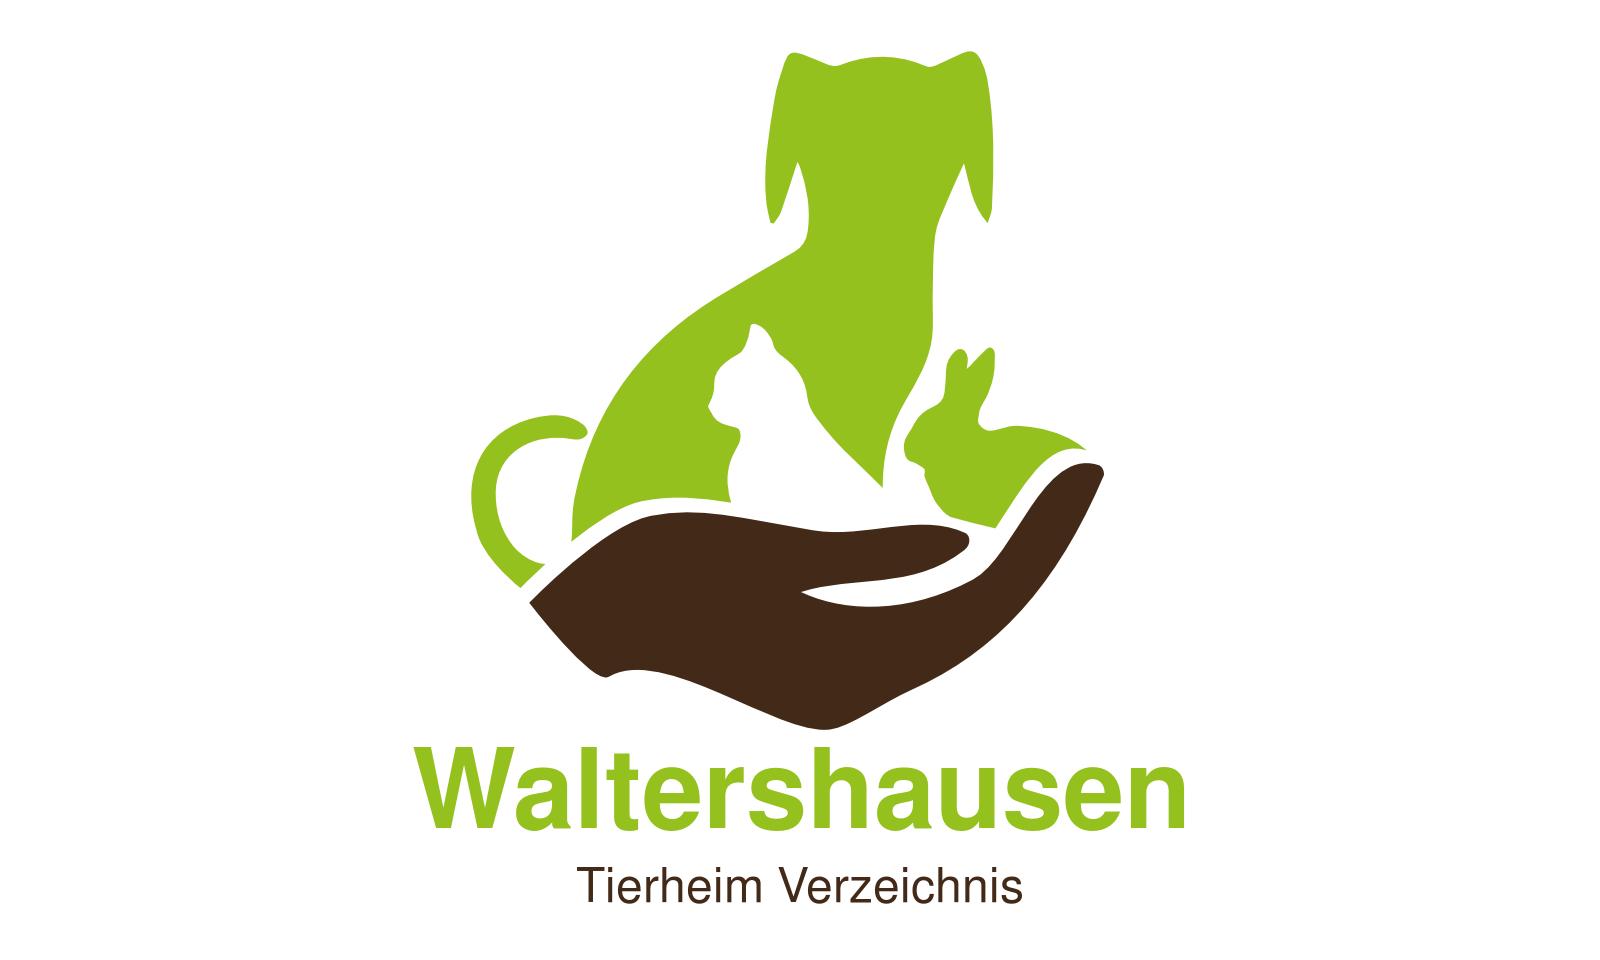 Tierheim Waltershausen